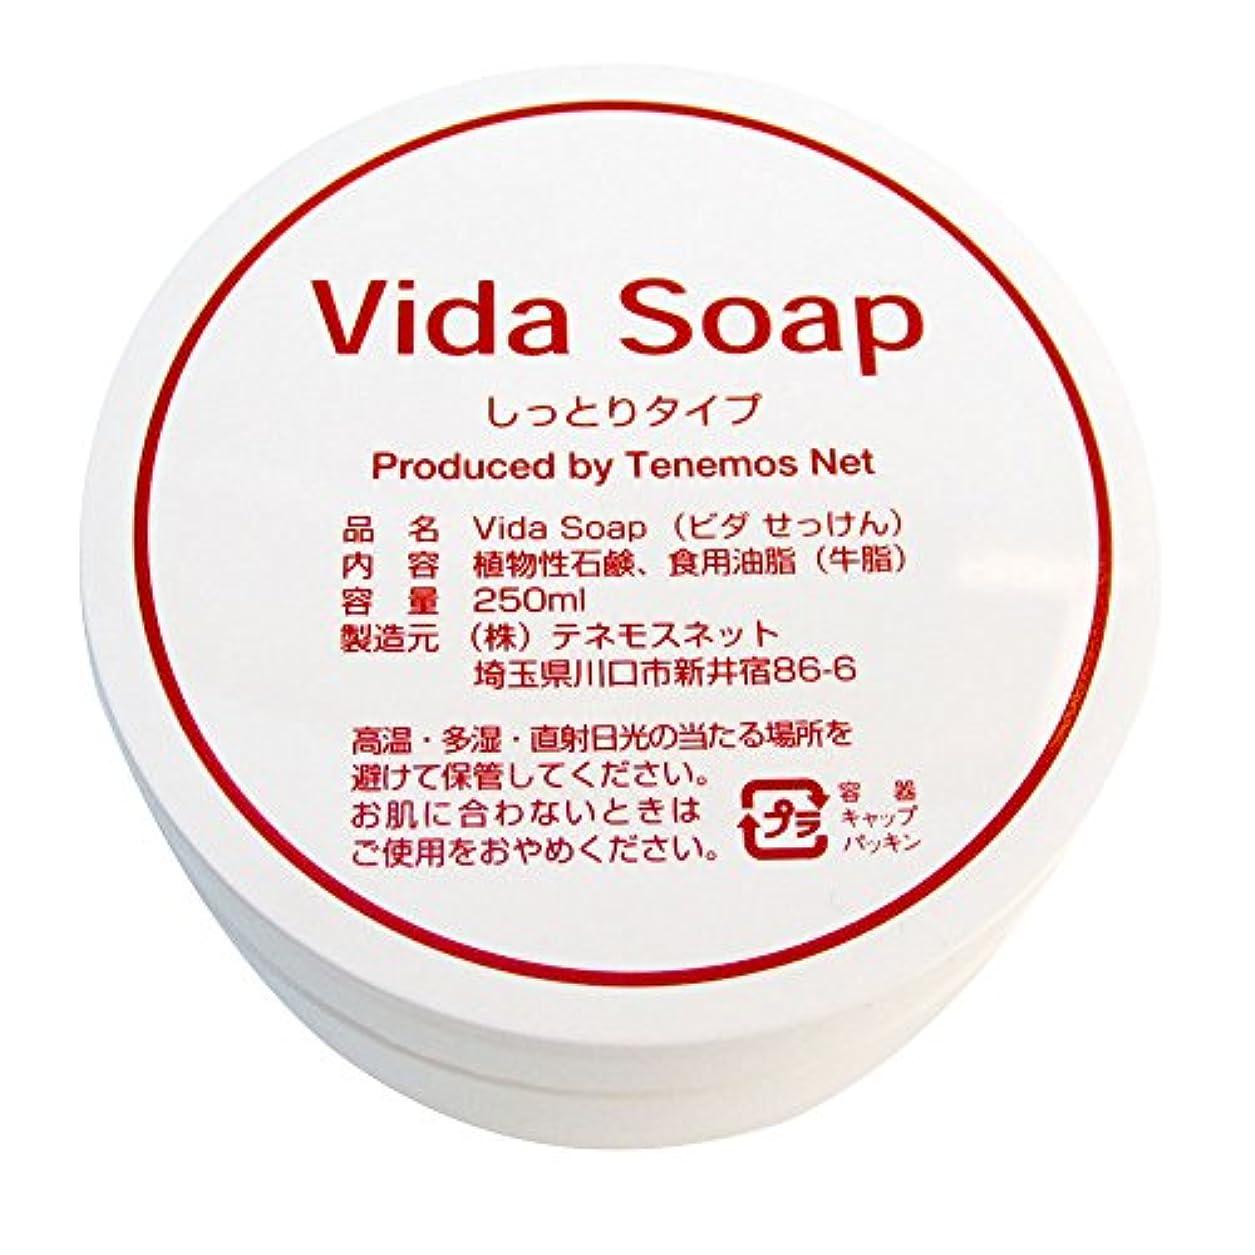 外科医絶滅ずるいテネモス ビダせっけん Vida Soap しっとりノーマル 動物性 250ml